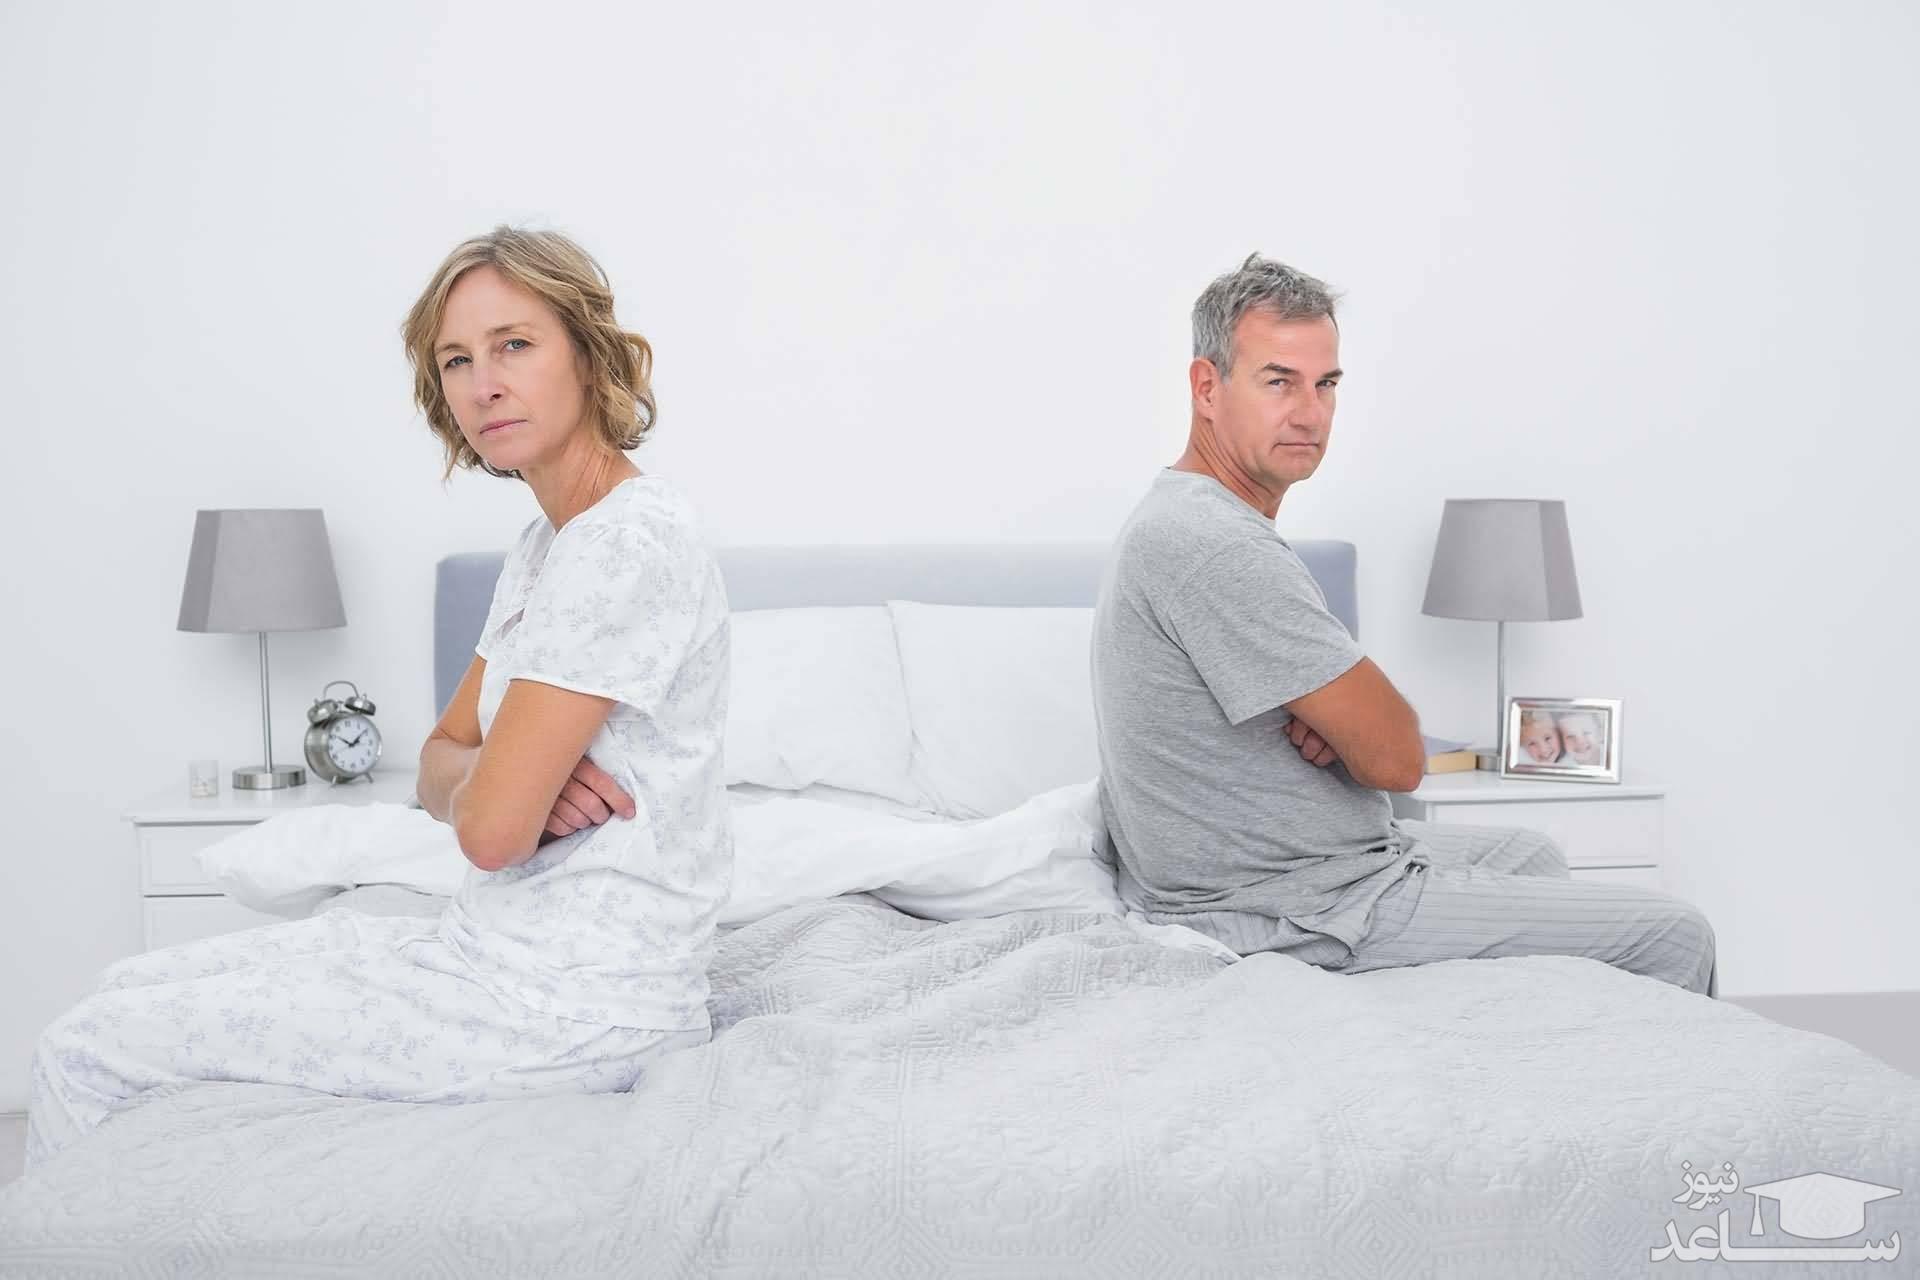 میل جنسی زنان چه زمانی کم میشود؟